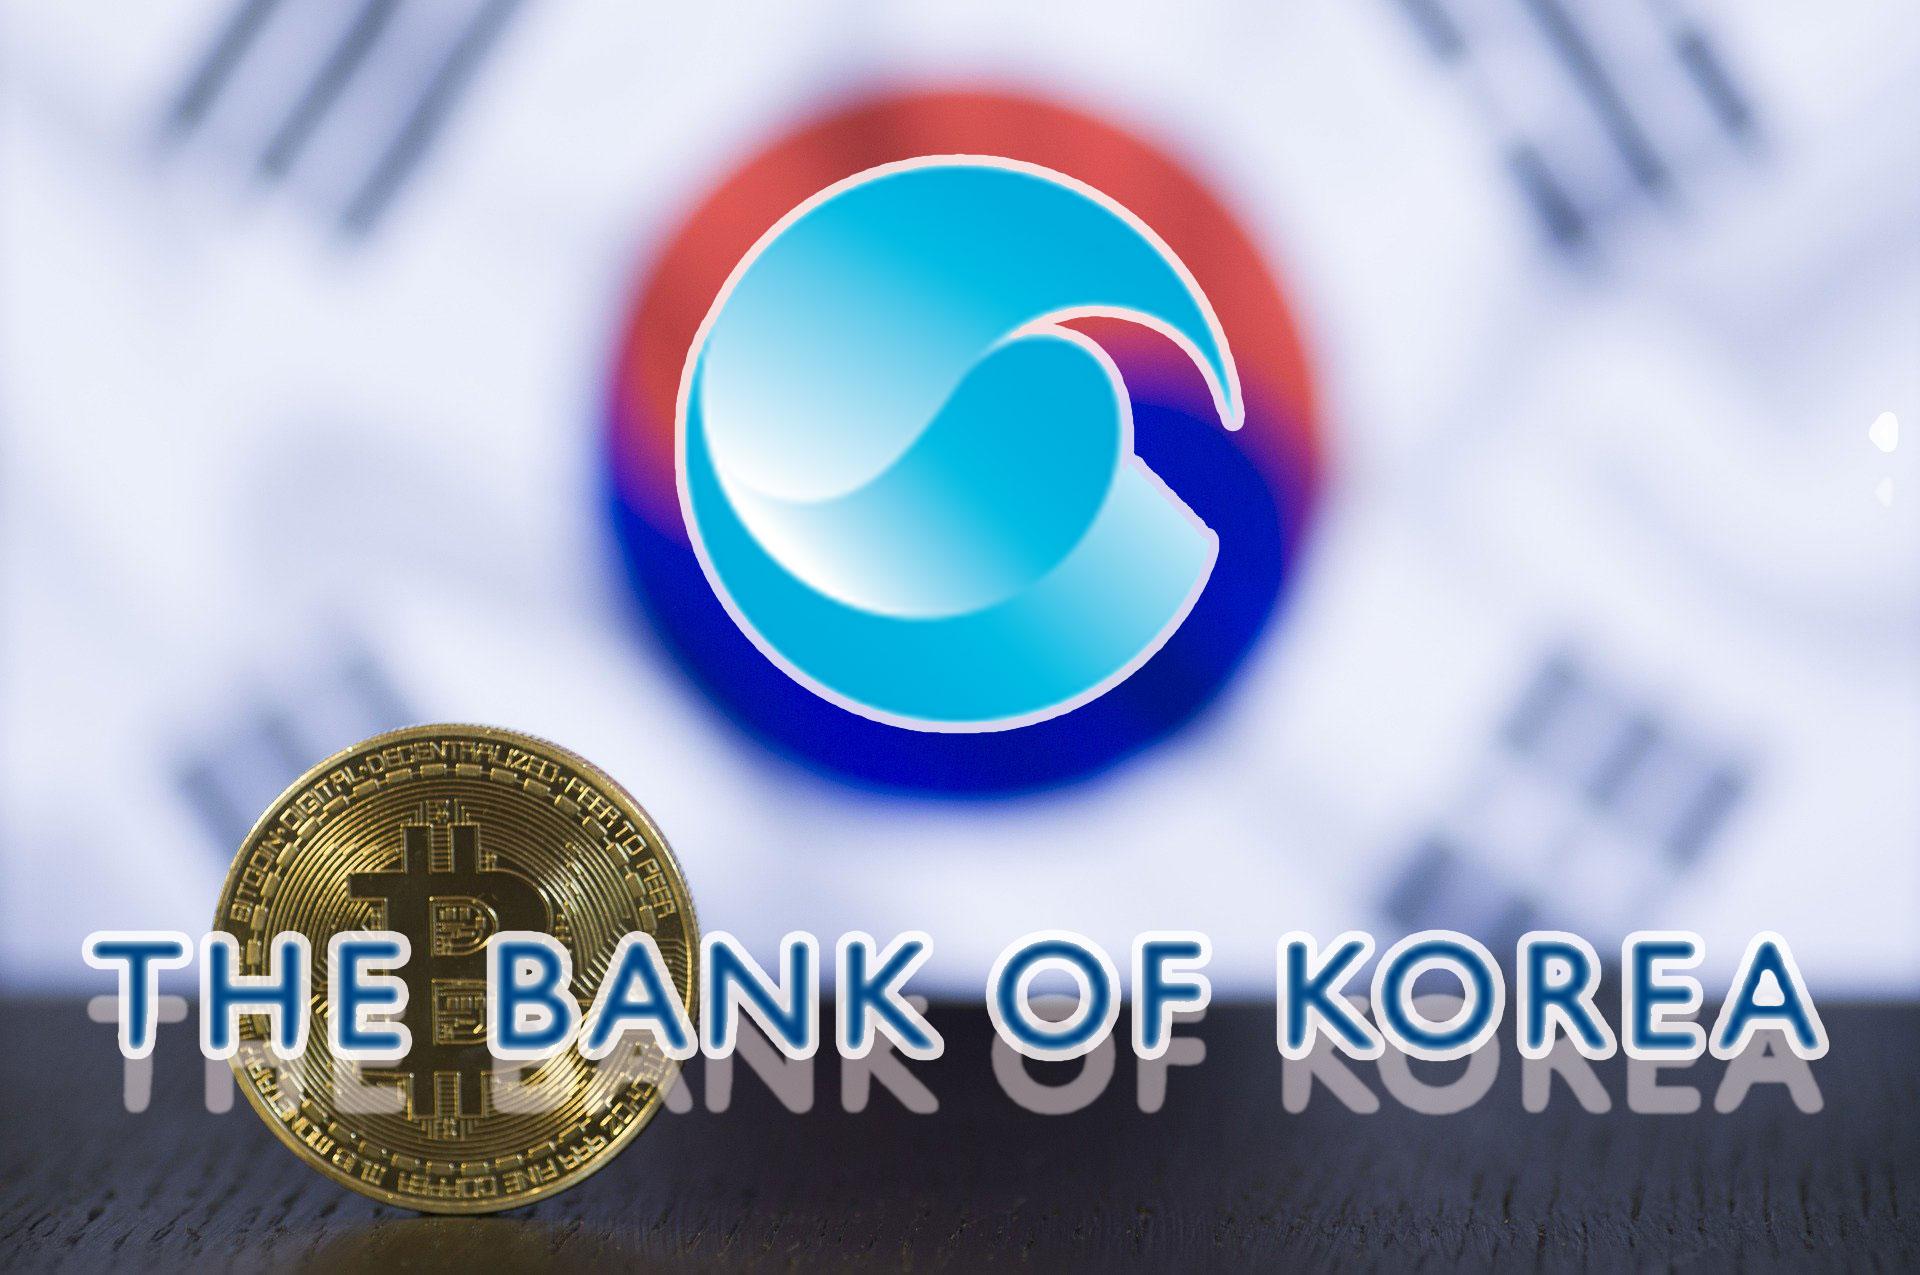 韓国中央銀行、CBDC導入に向けたテストプロジェクトを発表